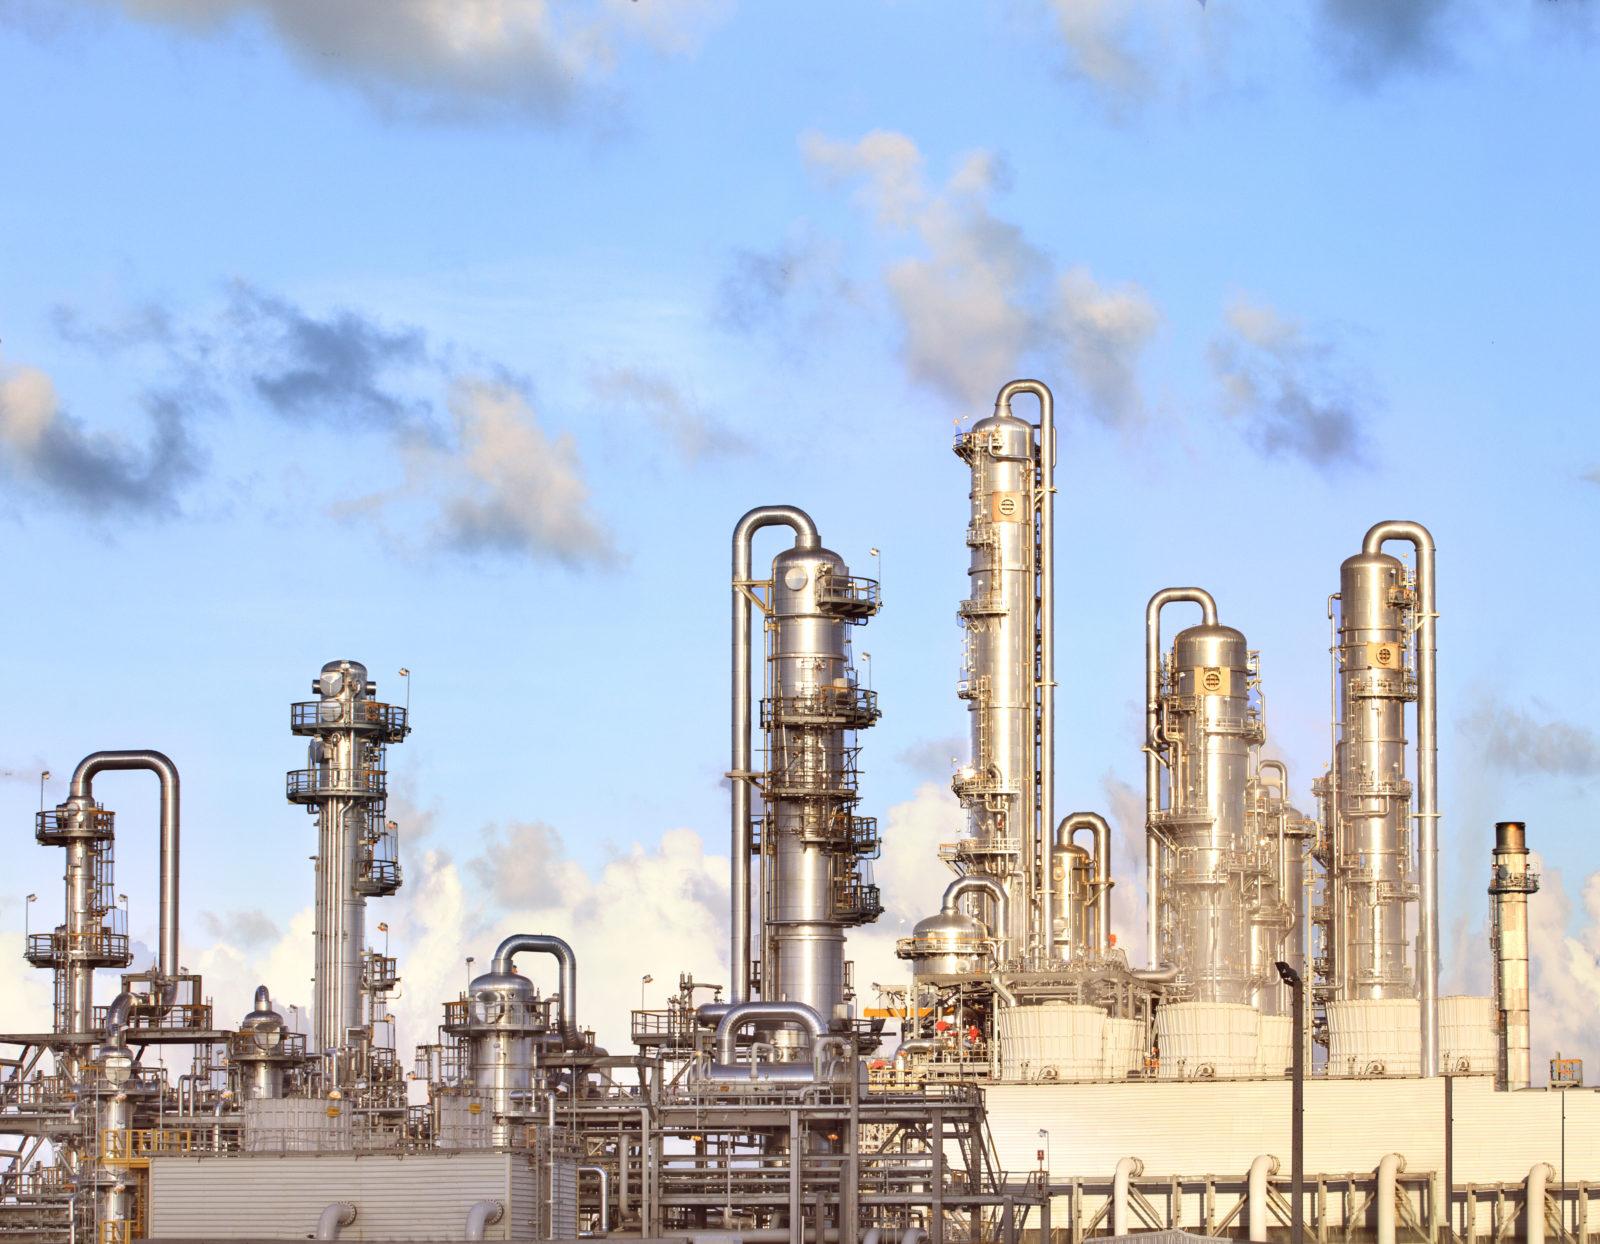 valvole manuali oil & gas